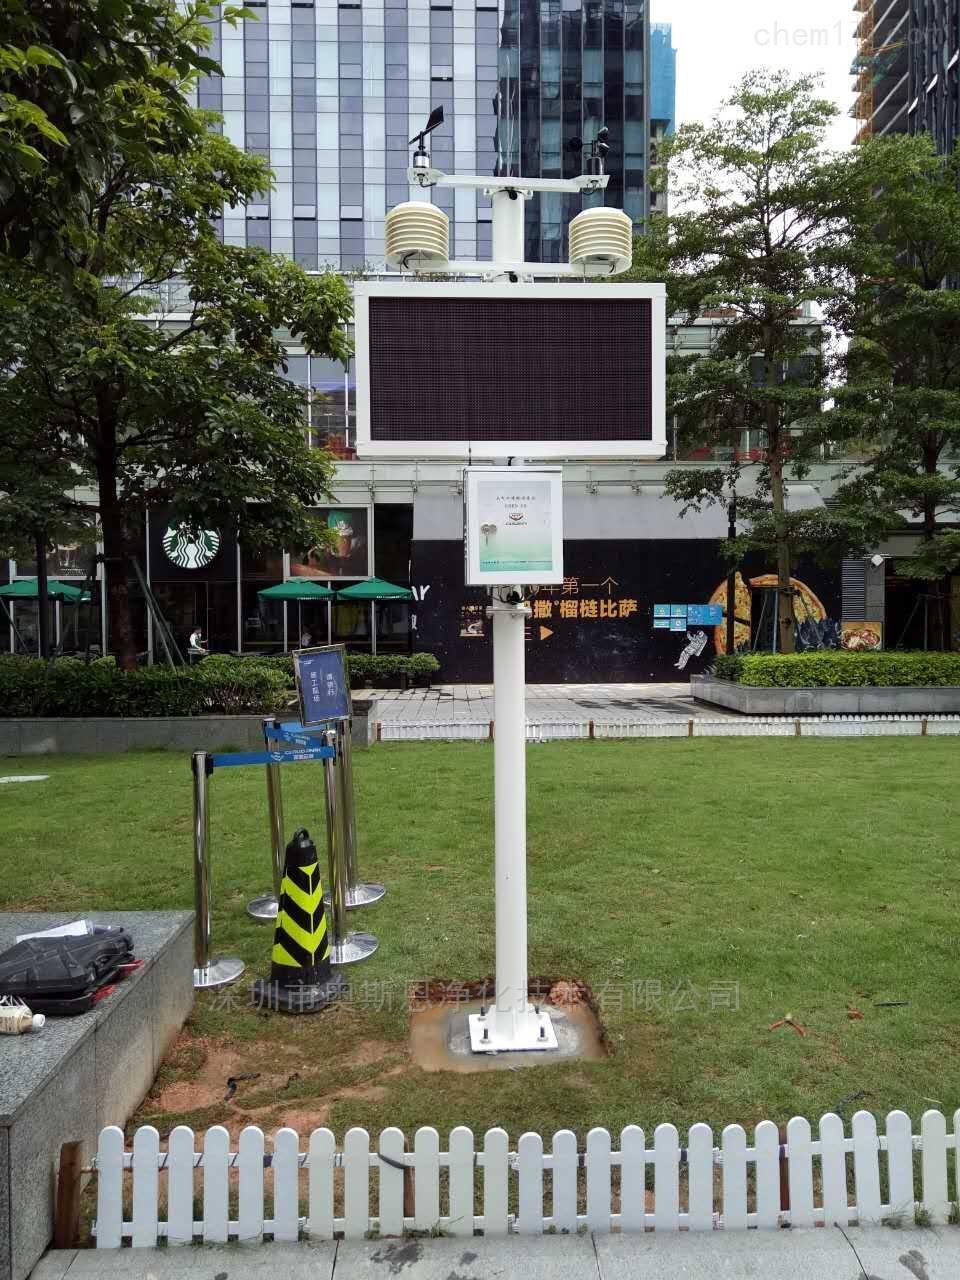 住宅小区公园空气质量在线监测设备